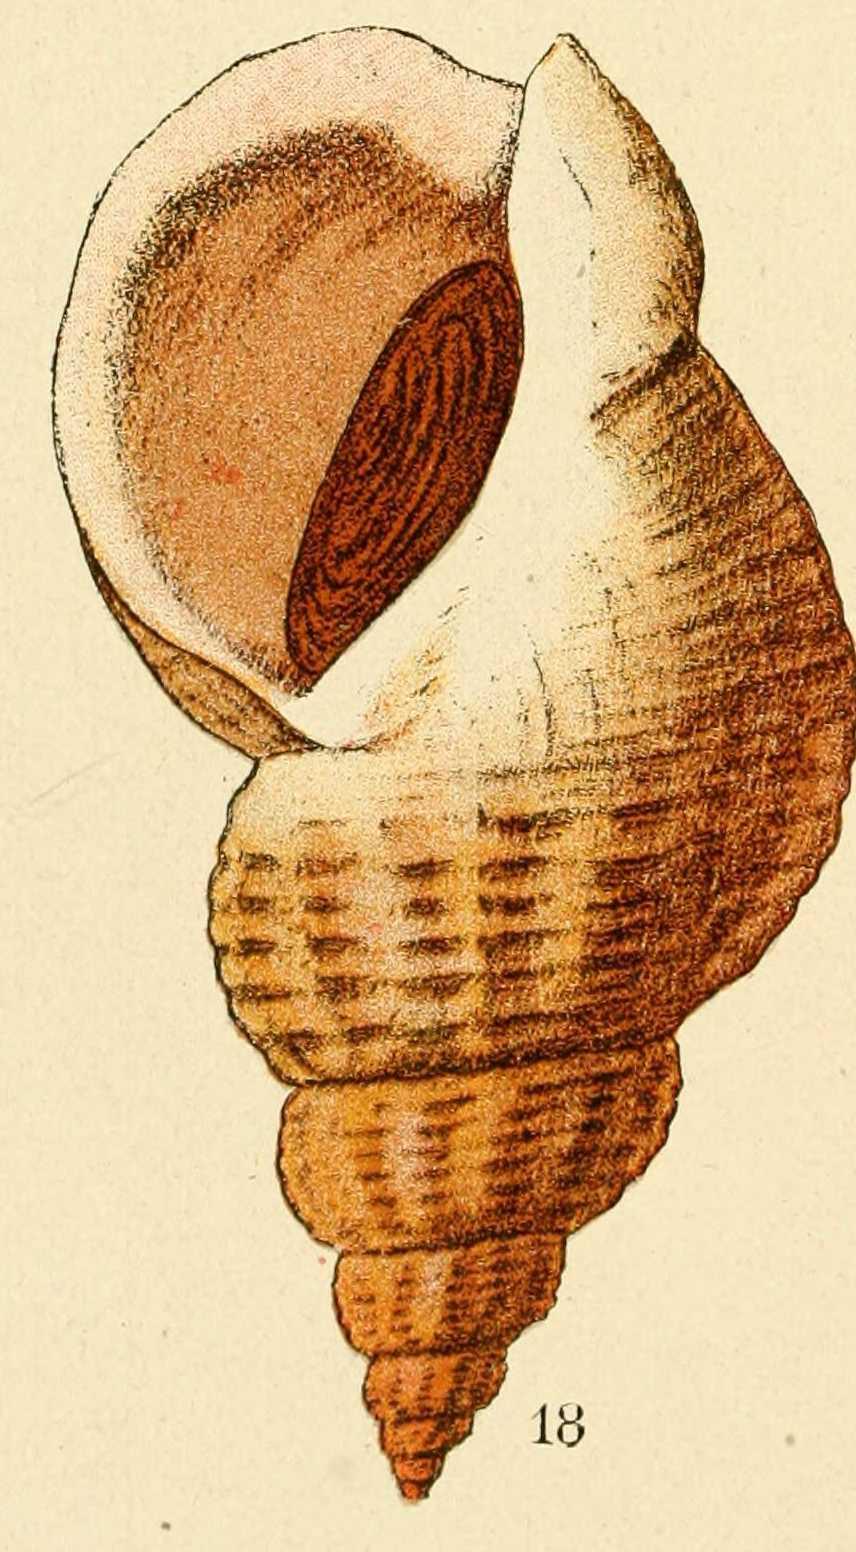 Gravures coquillages gravure de coquillage buccinum - Dessin de coquillage ...